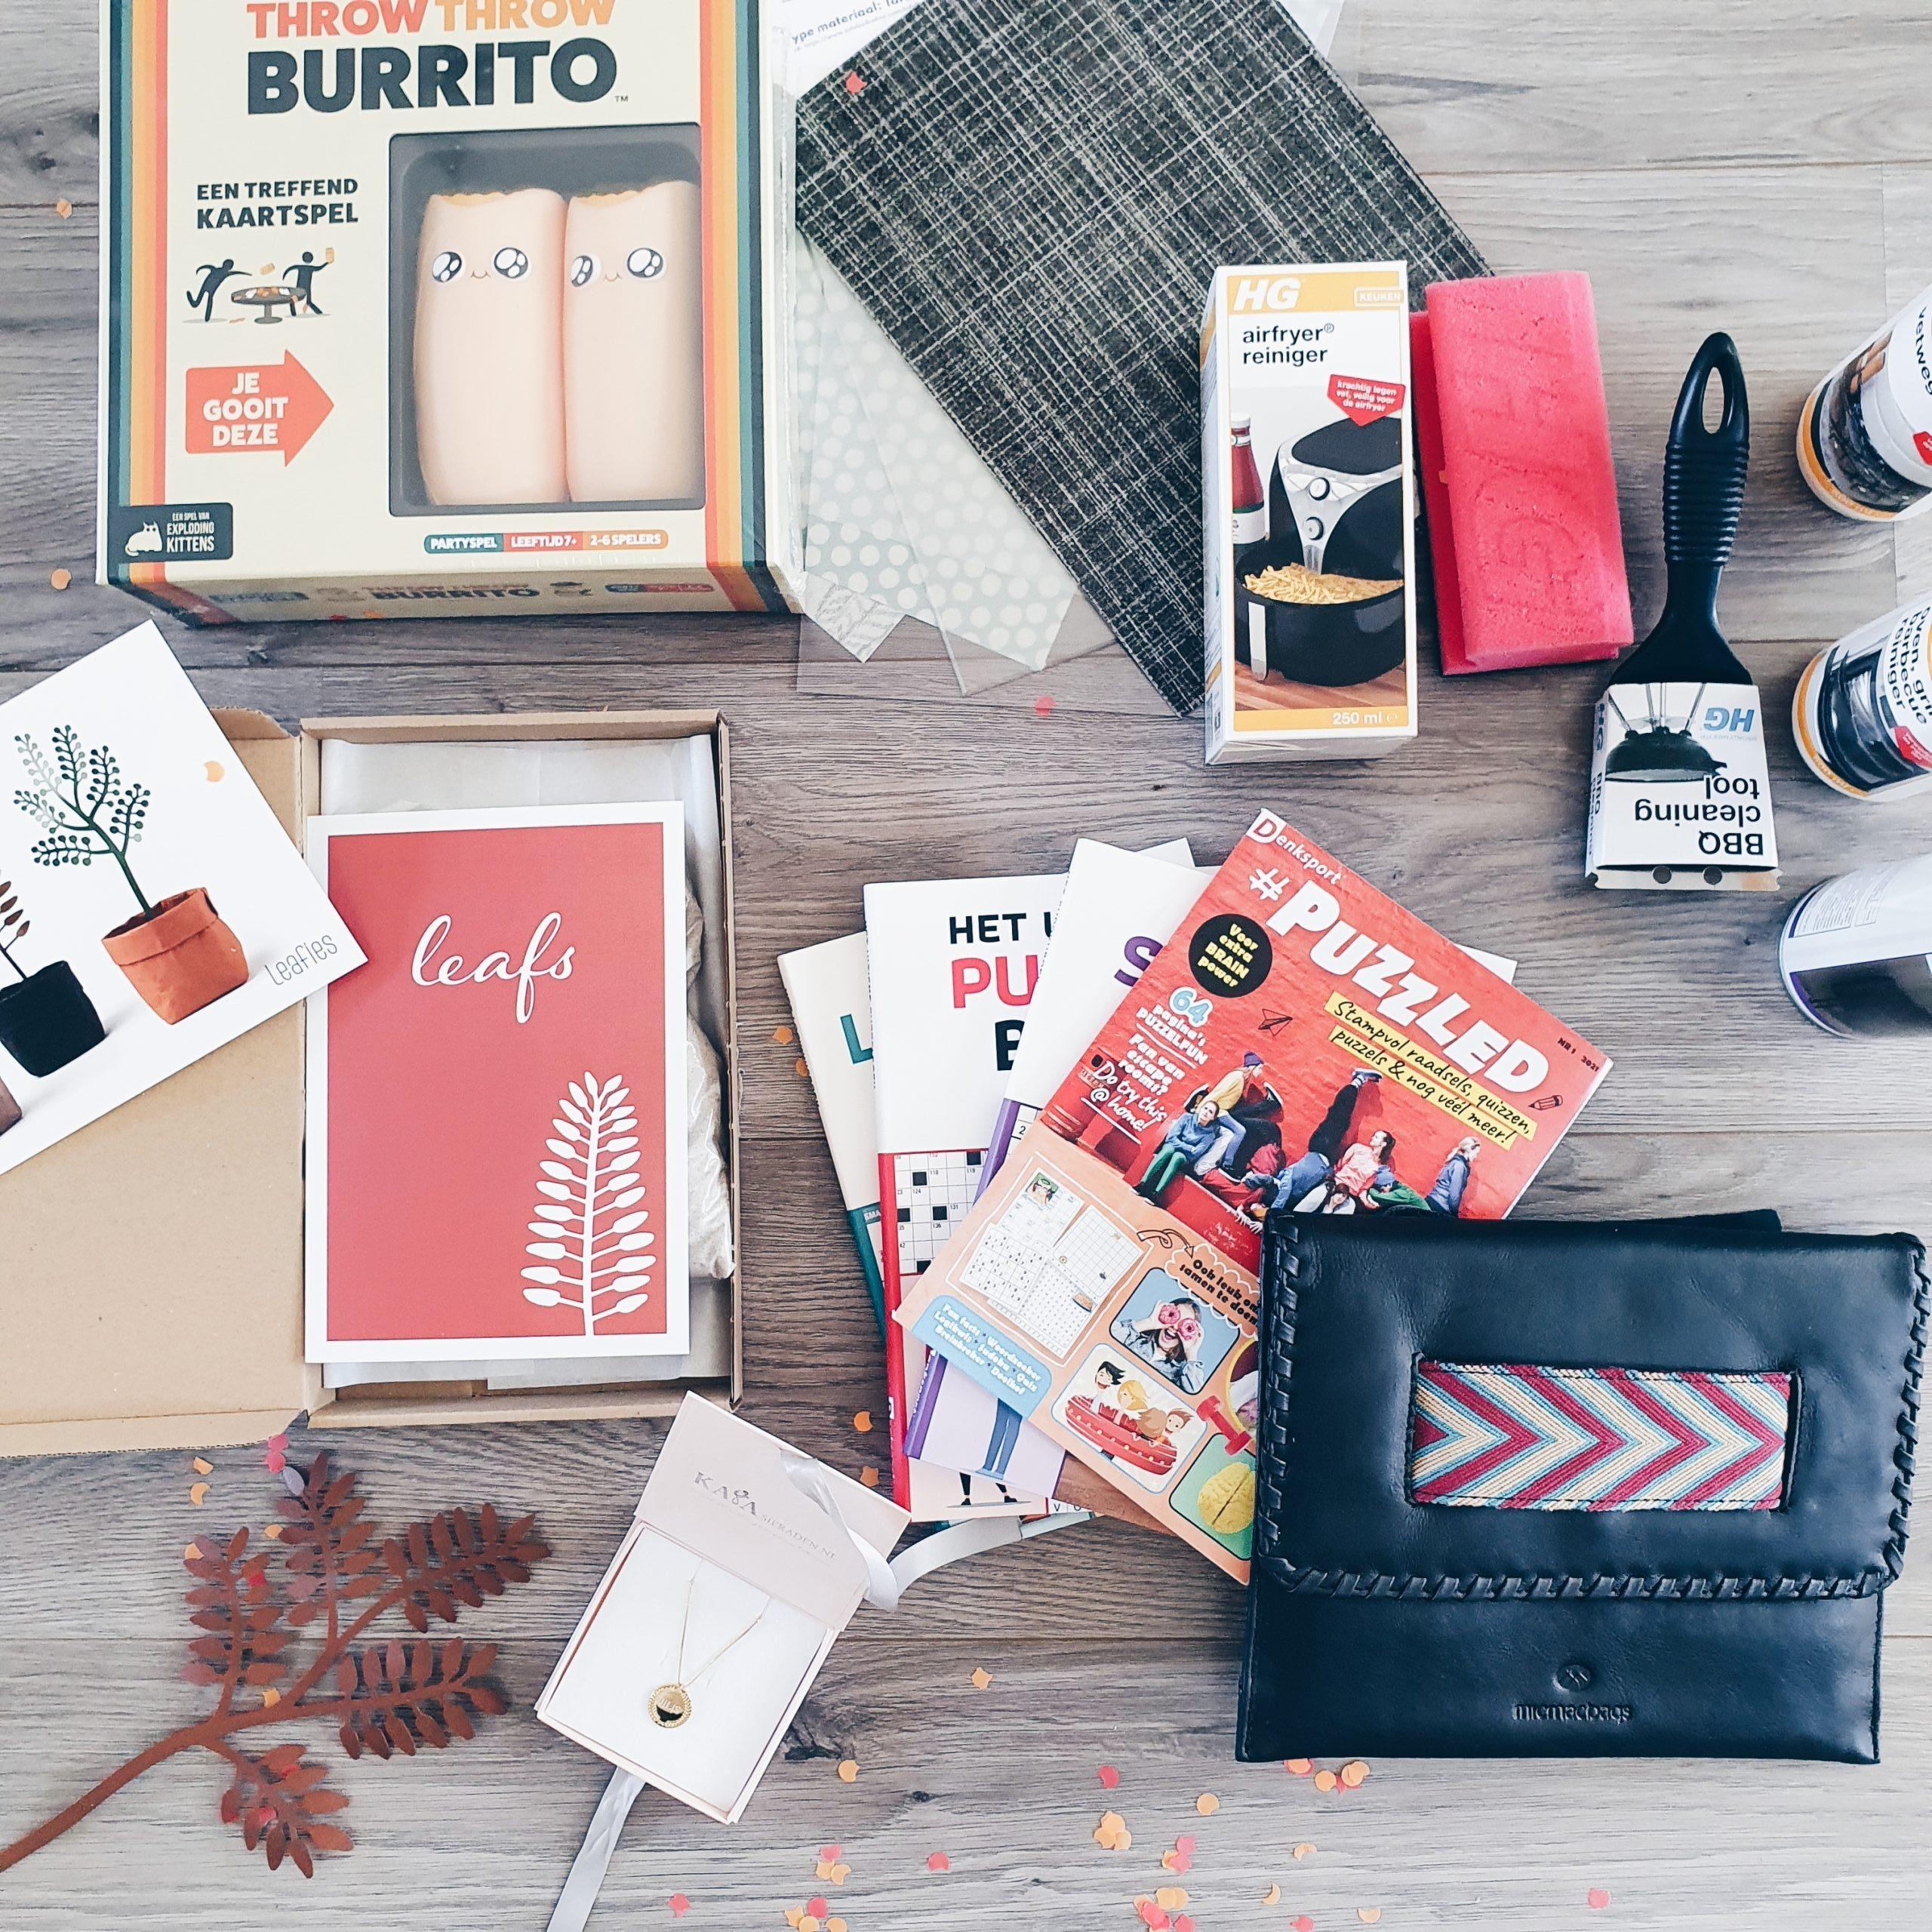 Blogbox 2021 – Vier de zomer!